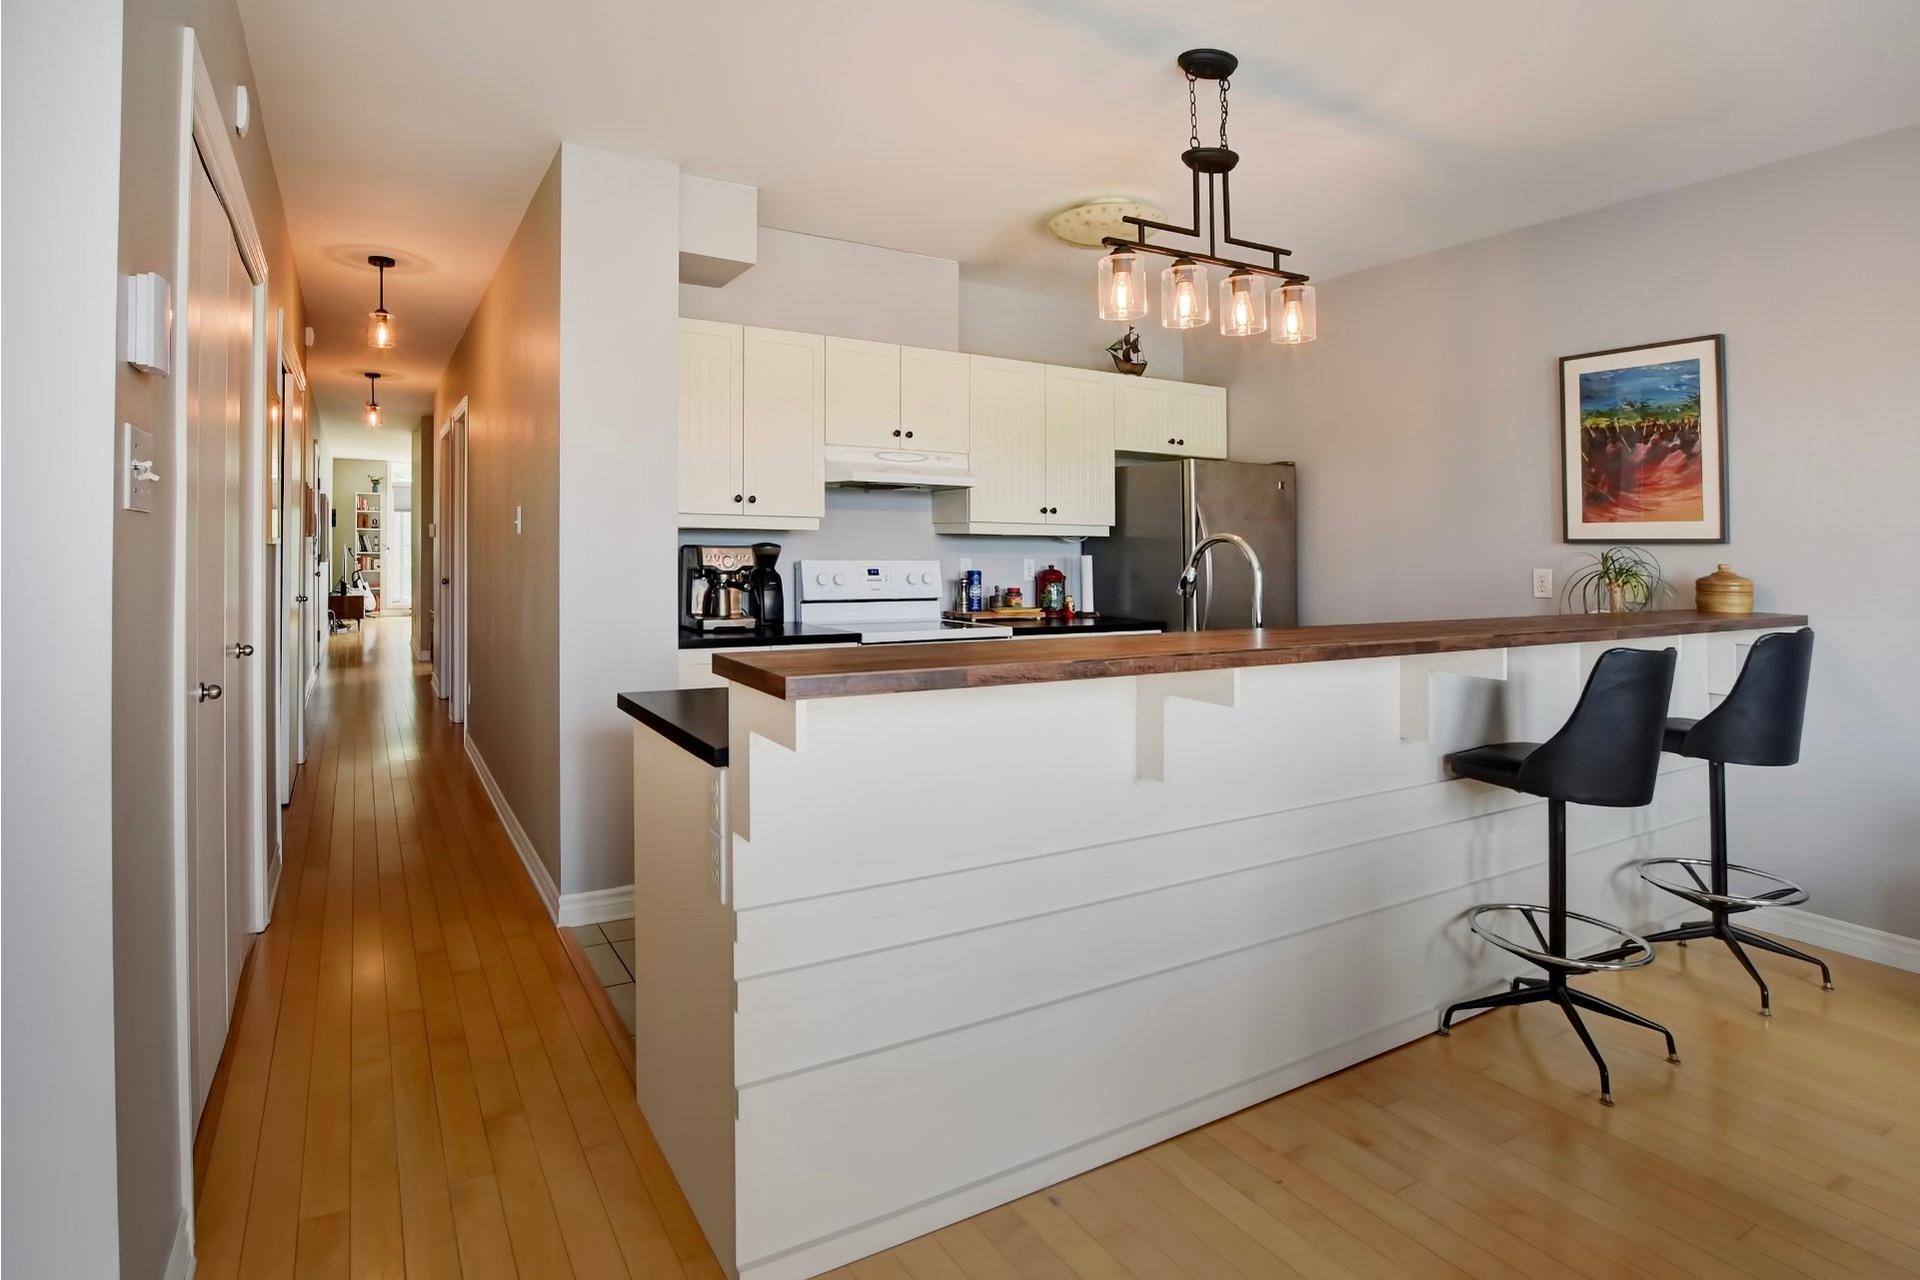 image 8 - Apartment For sale Mercier/Hochelaga-Maisonneuve Montréal  - 6 rooms